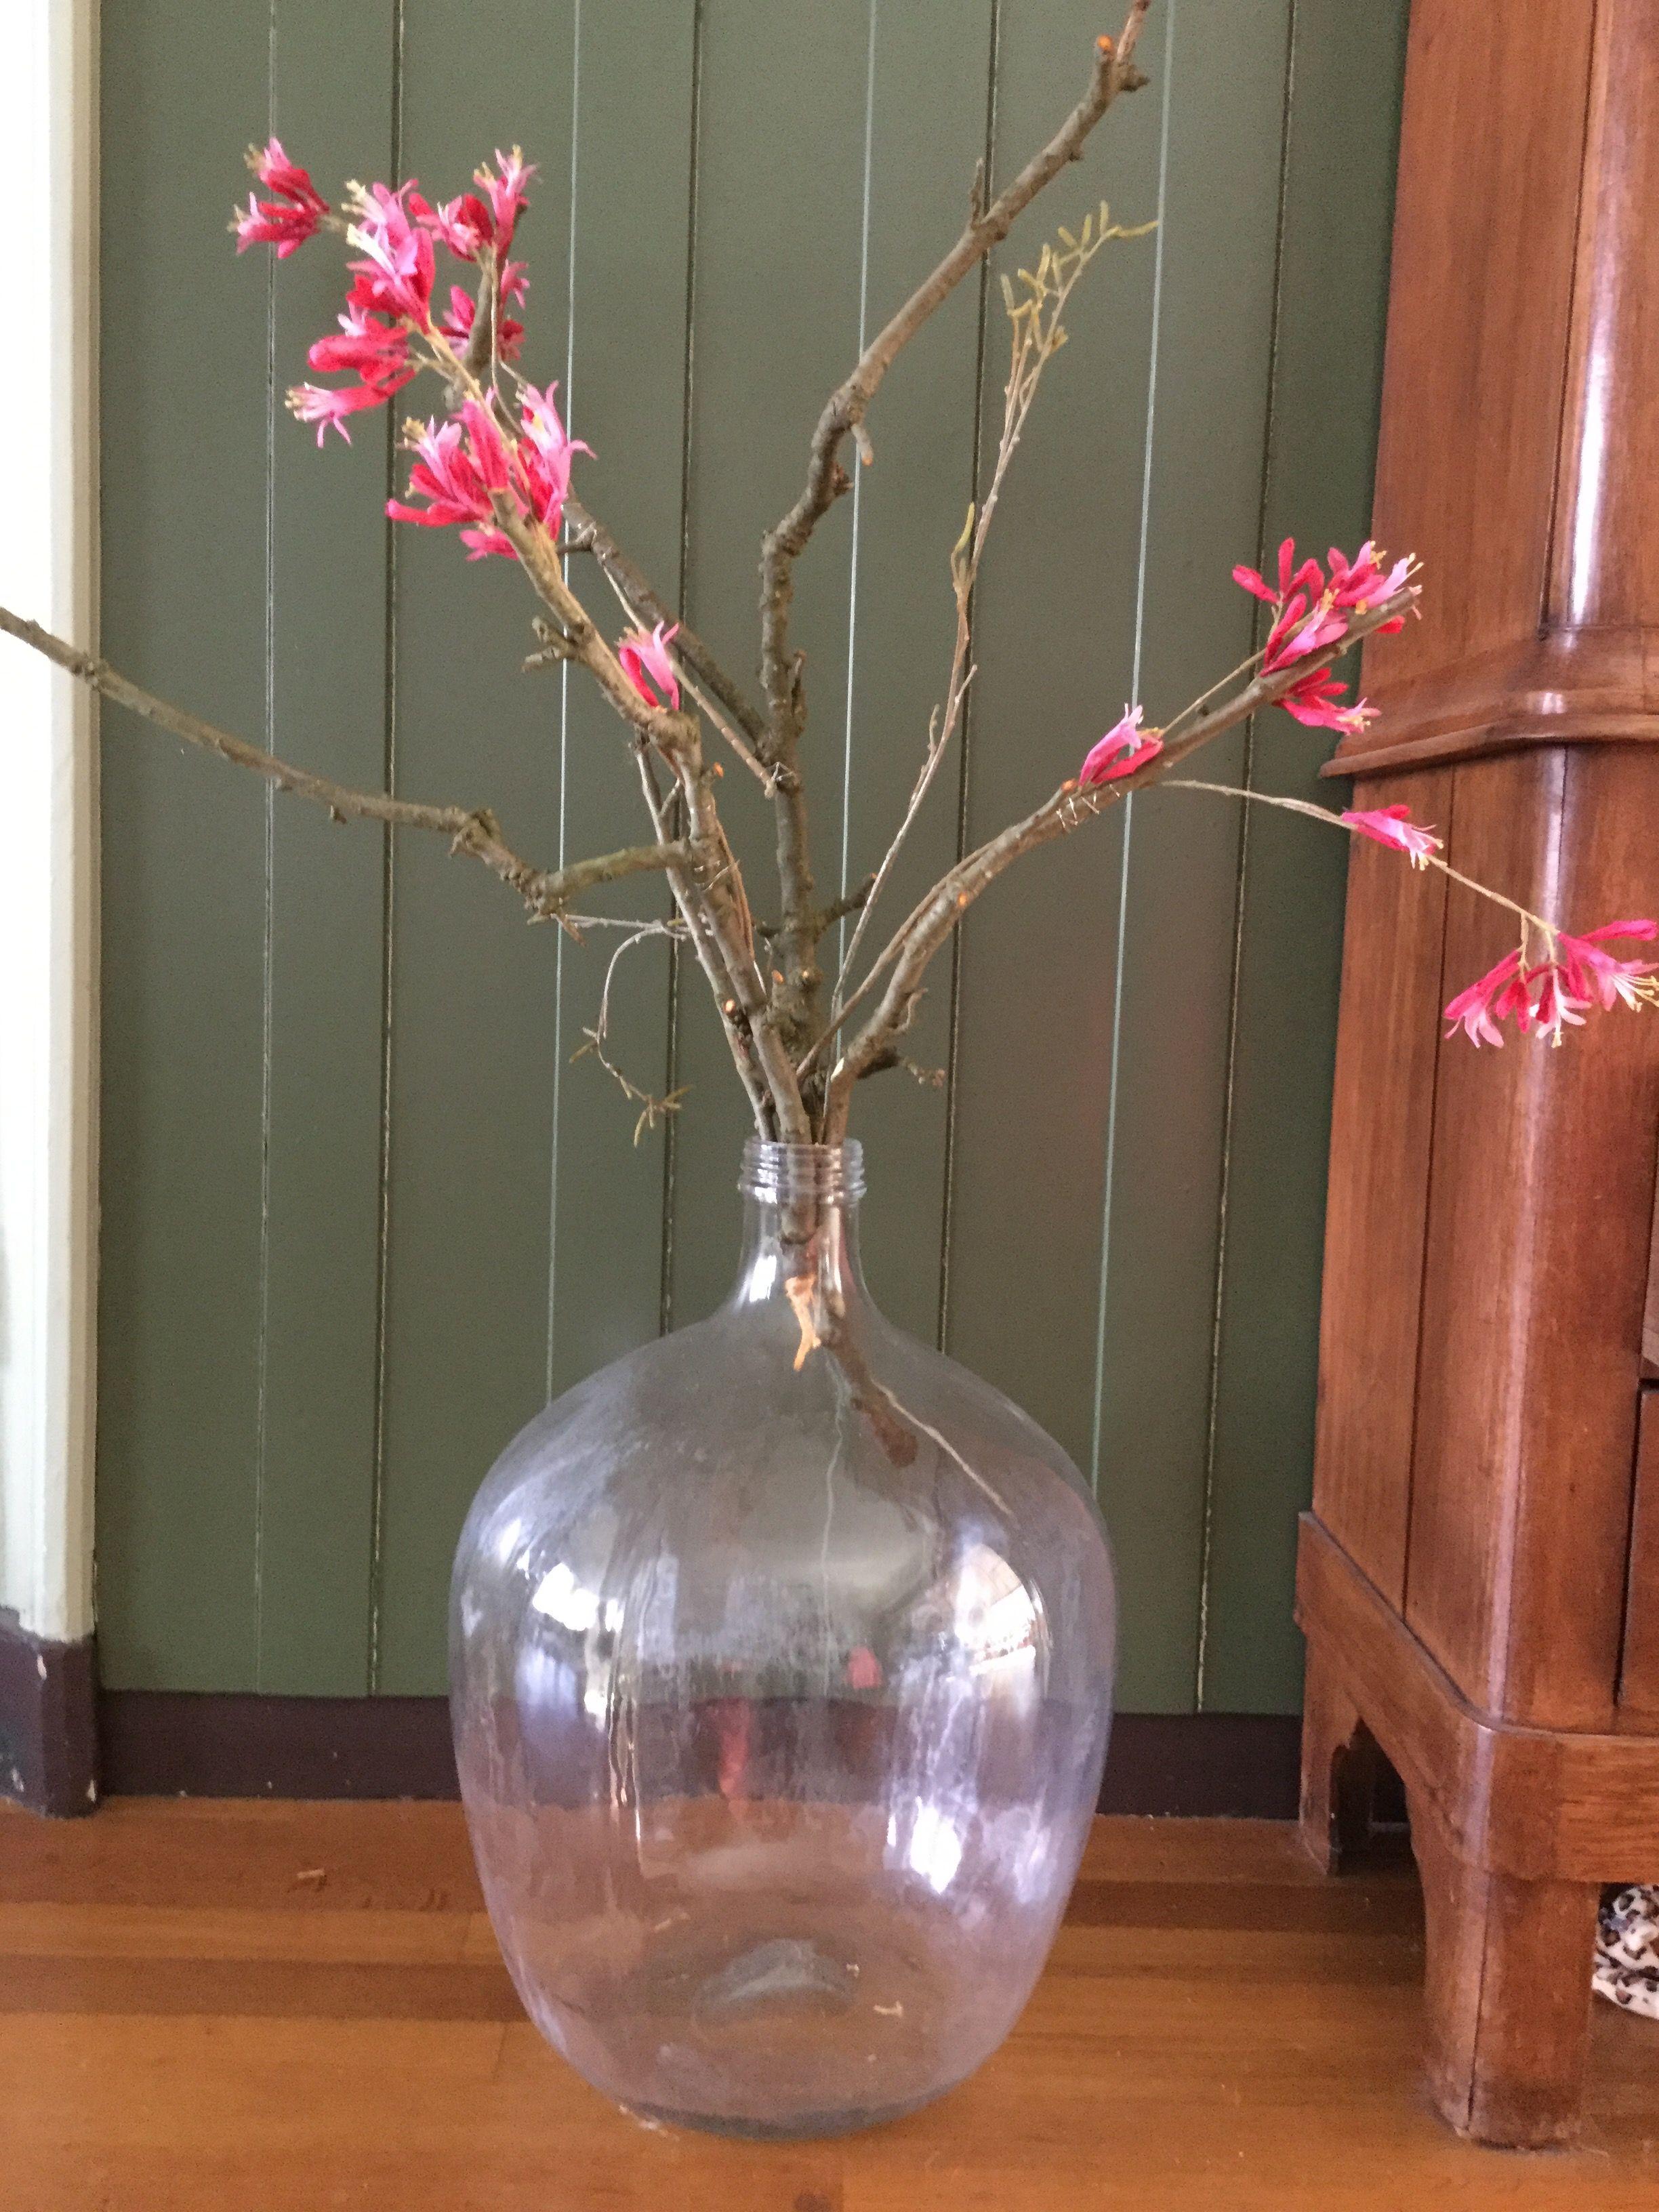 Takken Van De Appelboom Met Daarop Vast Gemaakt Zijde Bloemen Zijden Bloemen Decoratie Takken